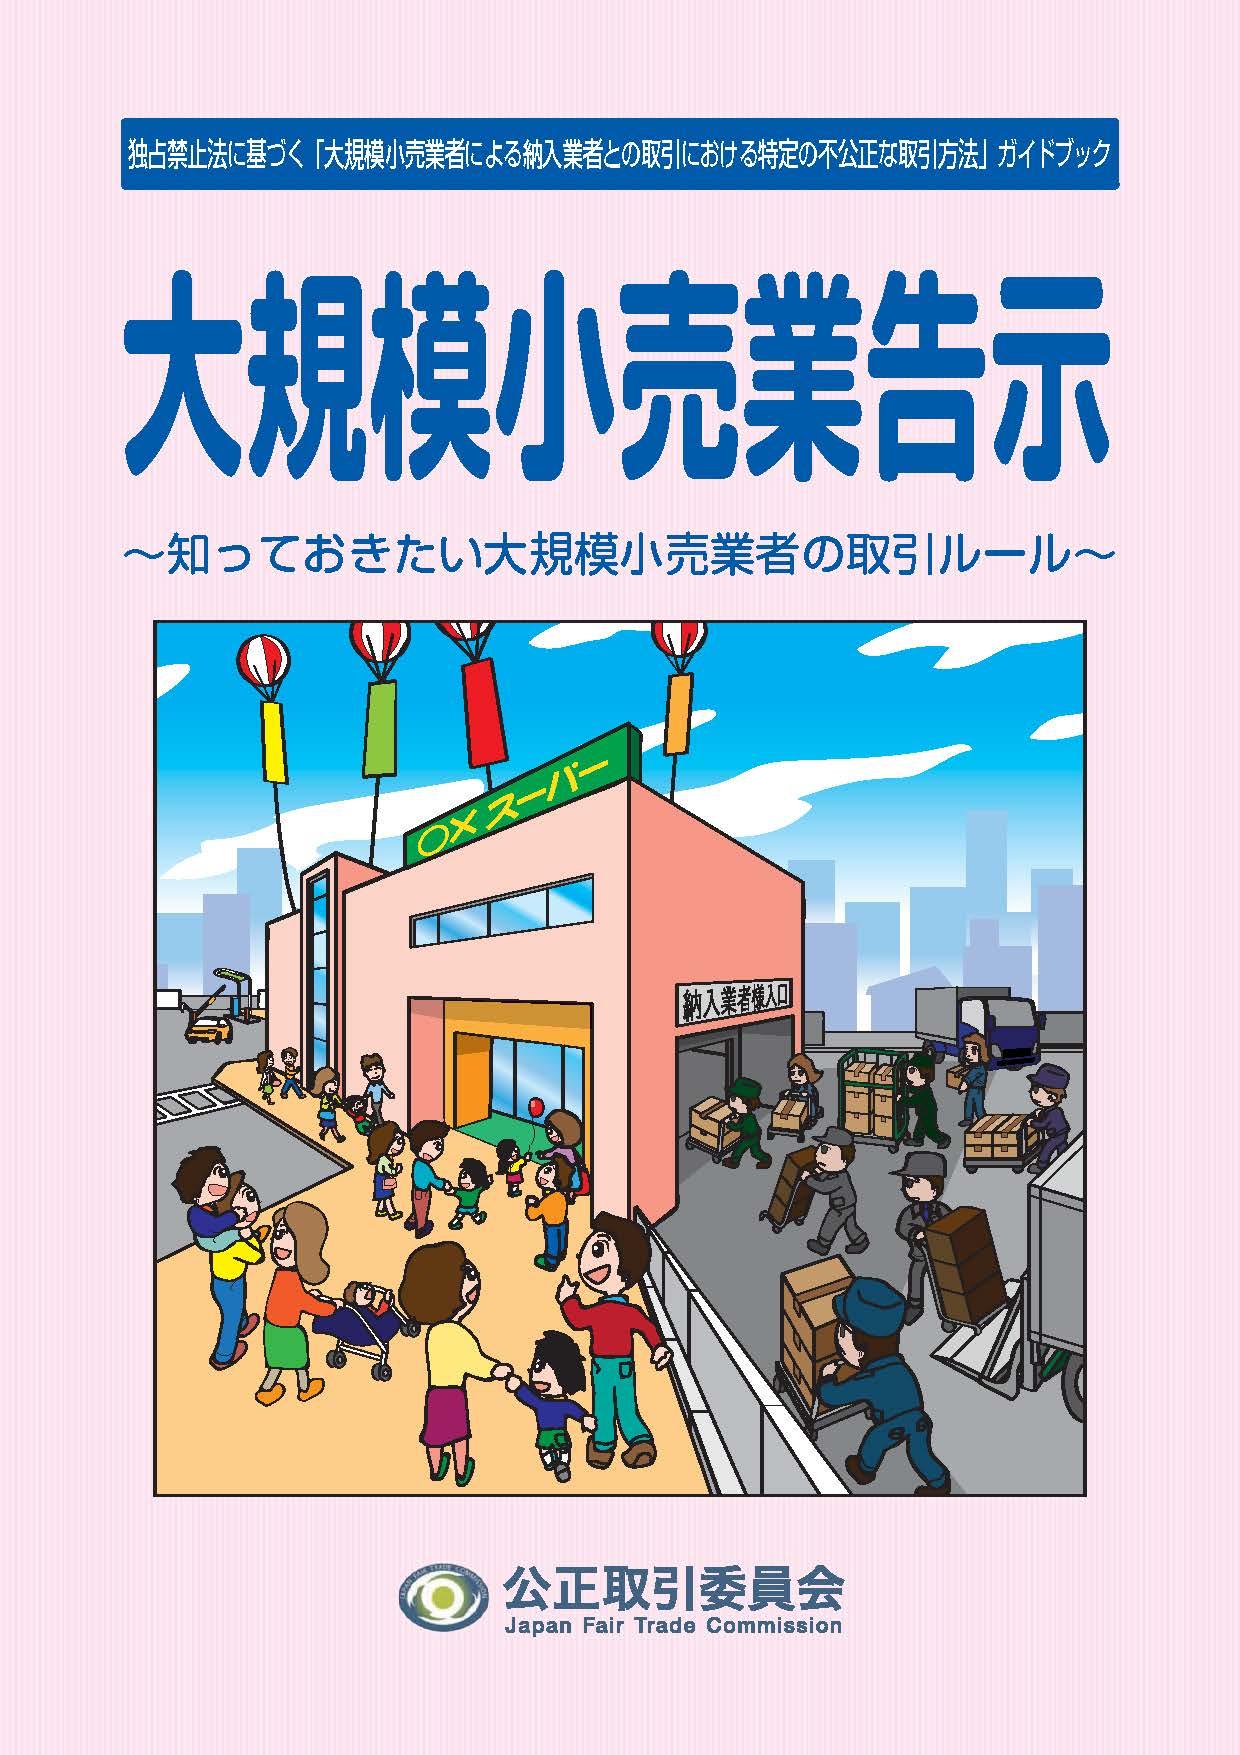 公正取引委員会様『大規模小売業告示』パンフレット:イラスト(2015)